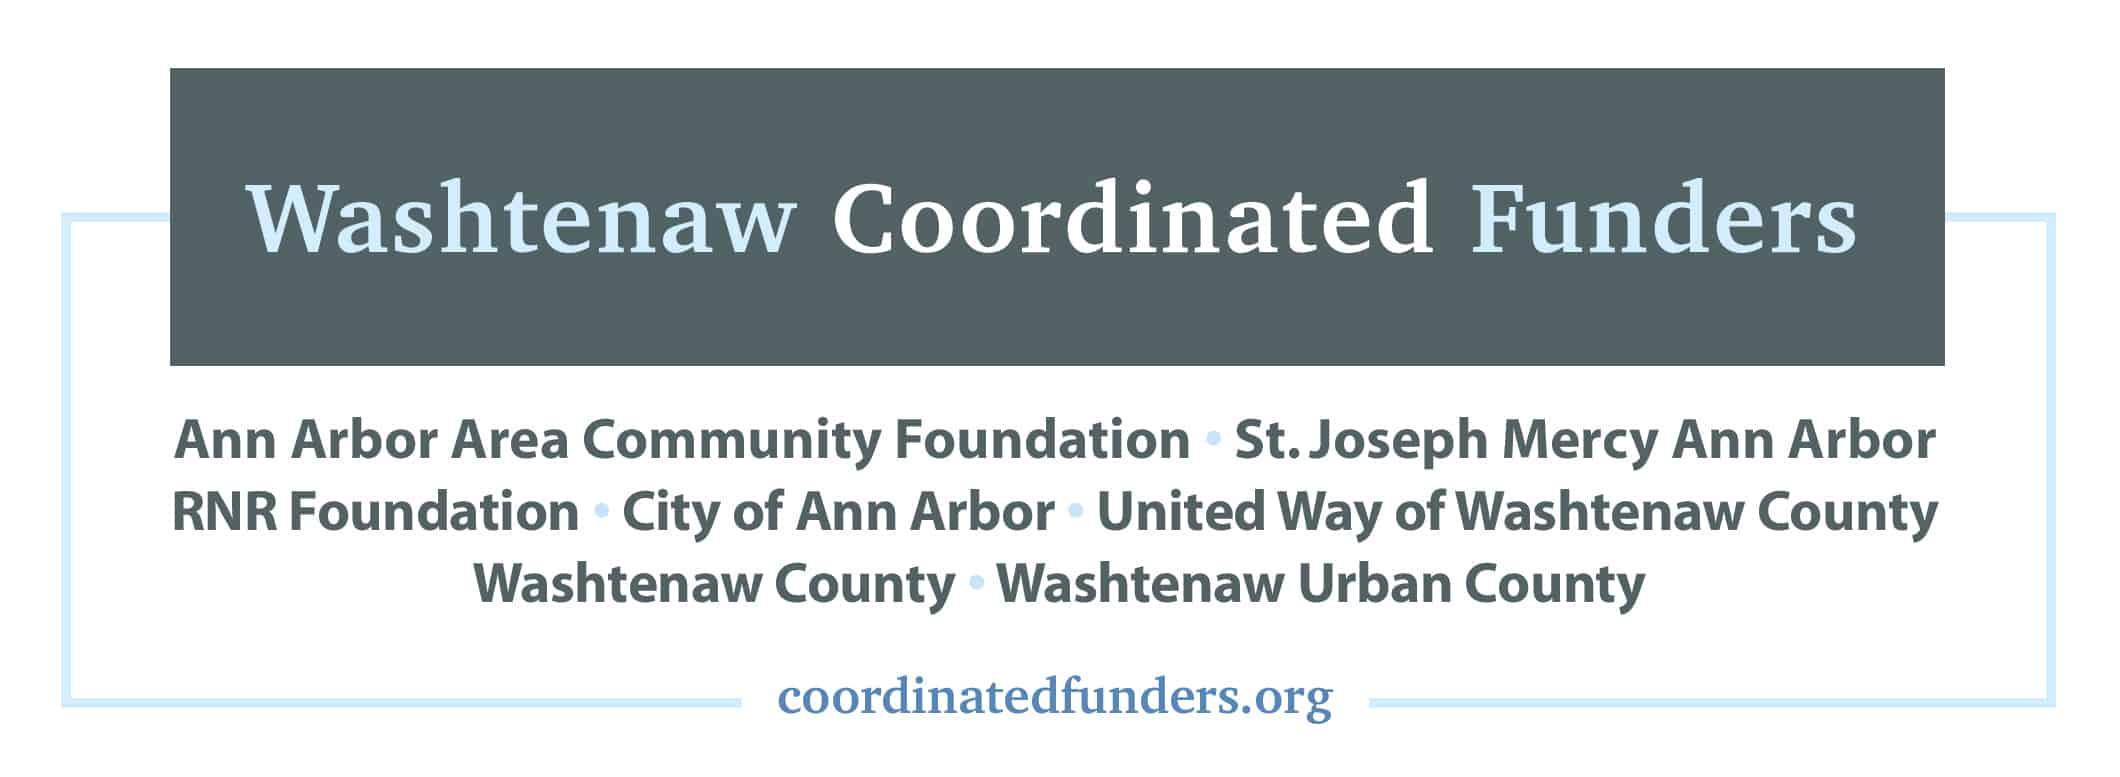 Washtenaw Coordinated Funders